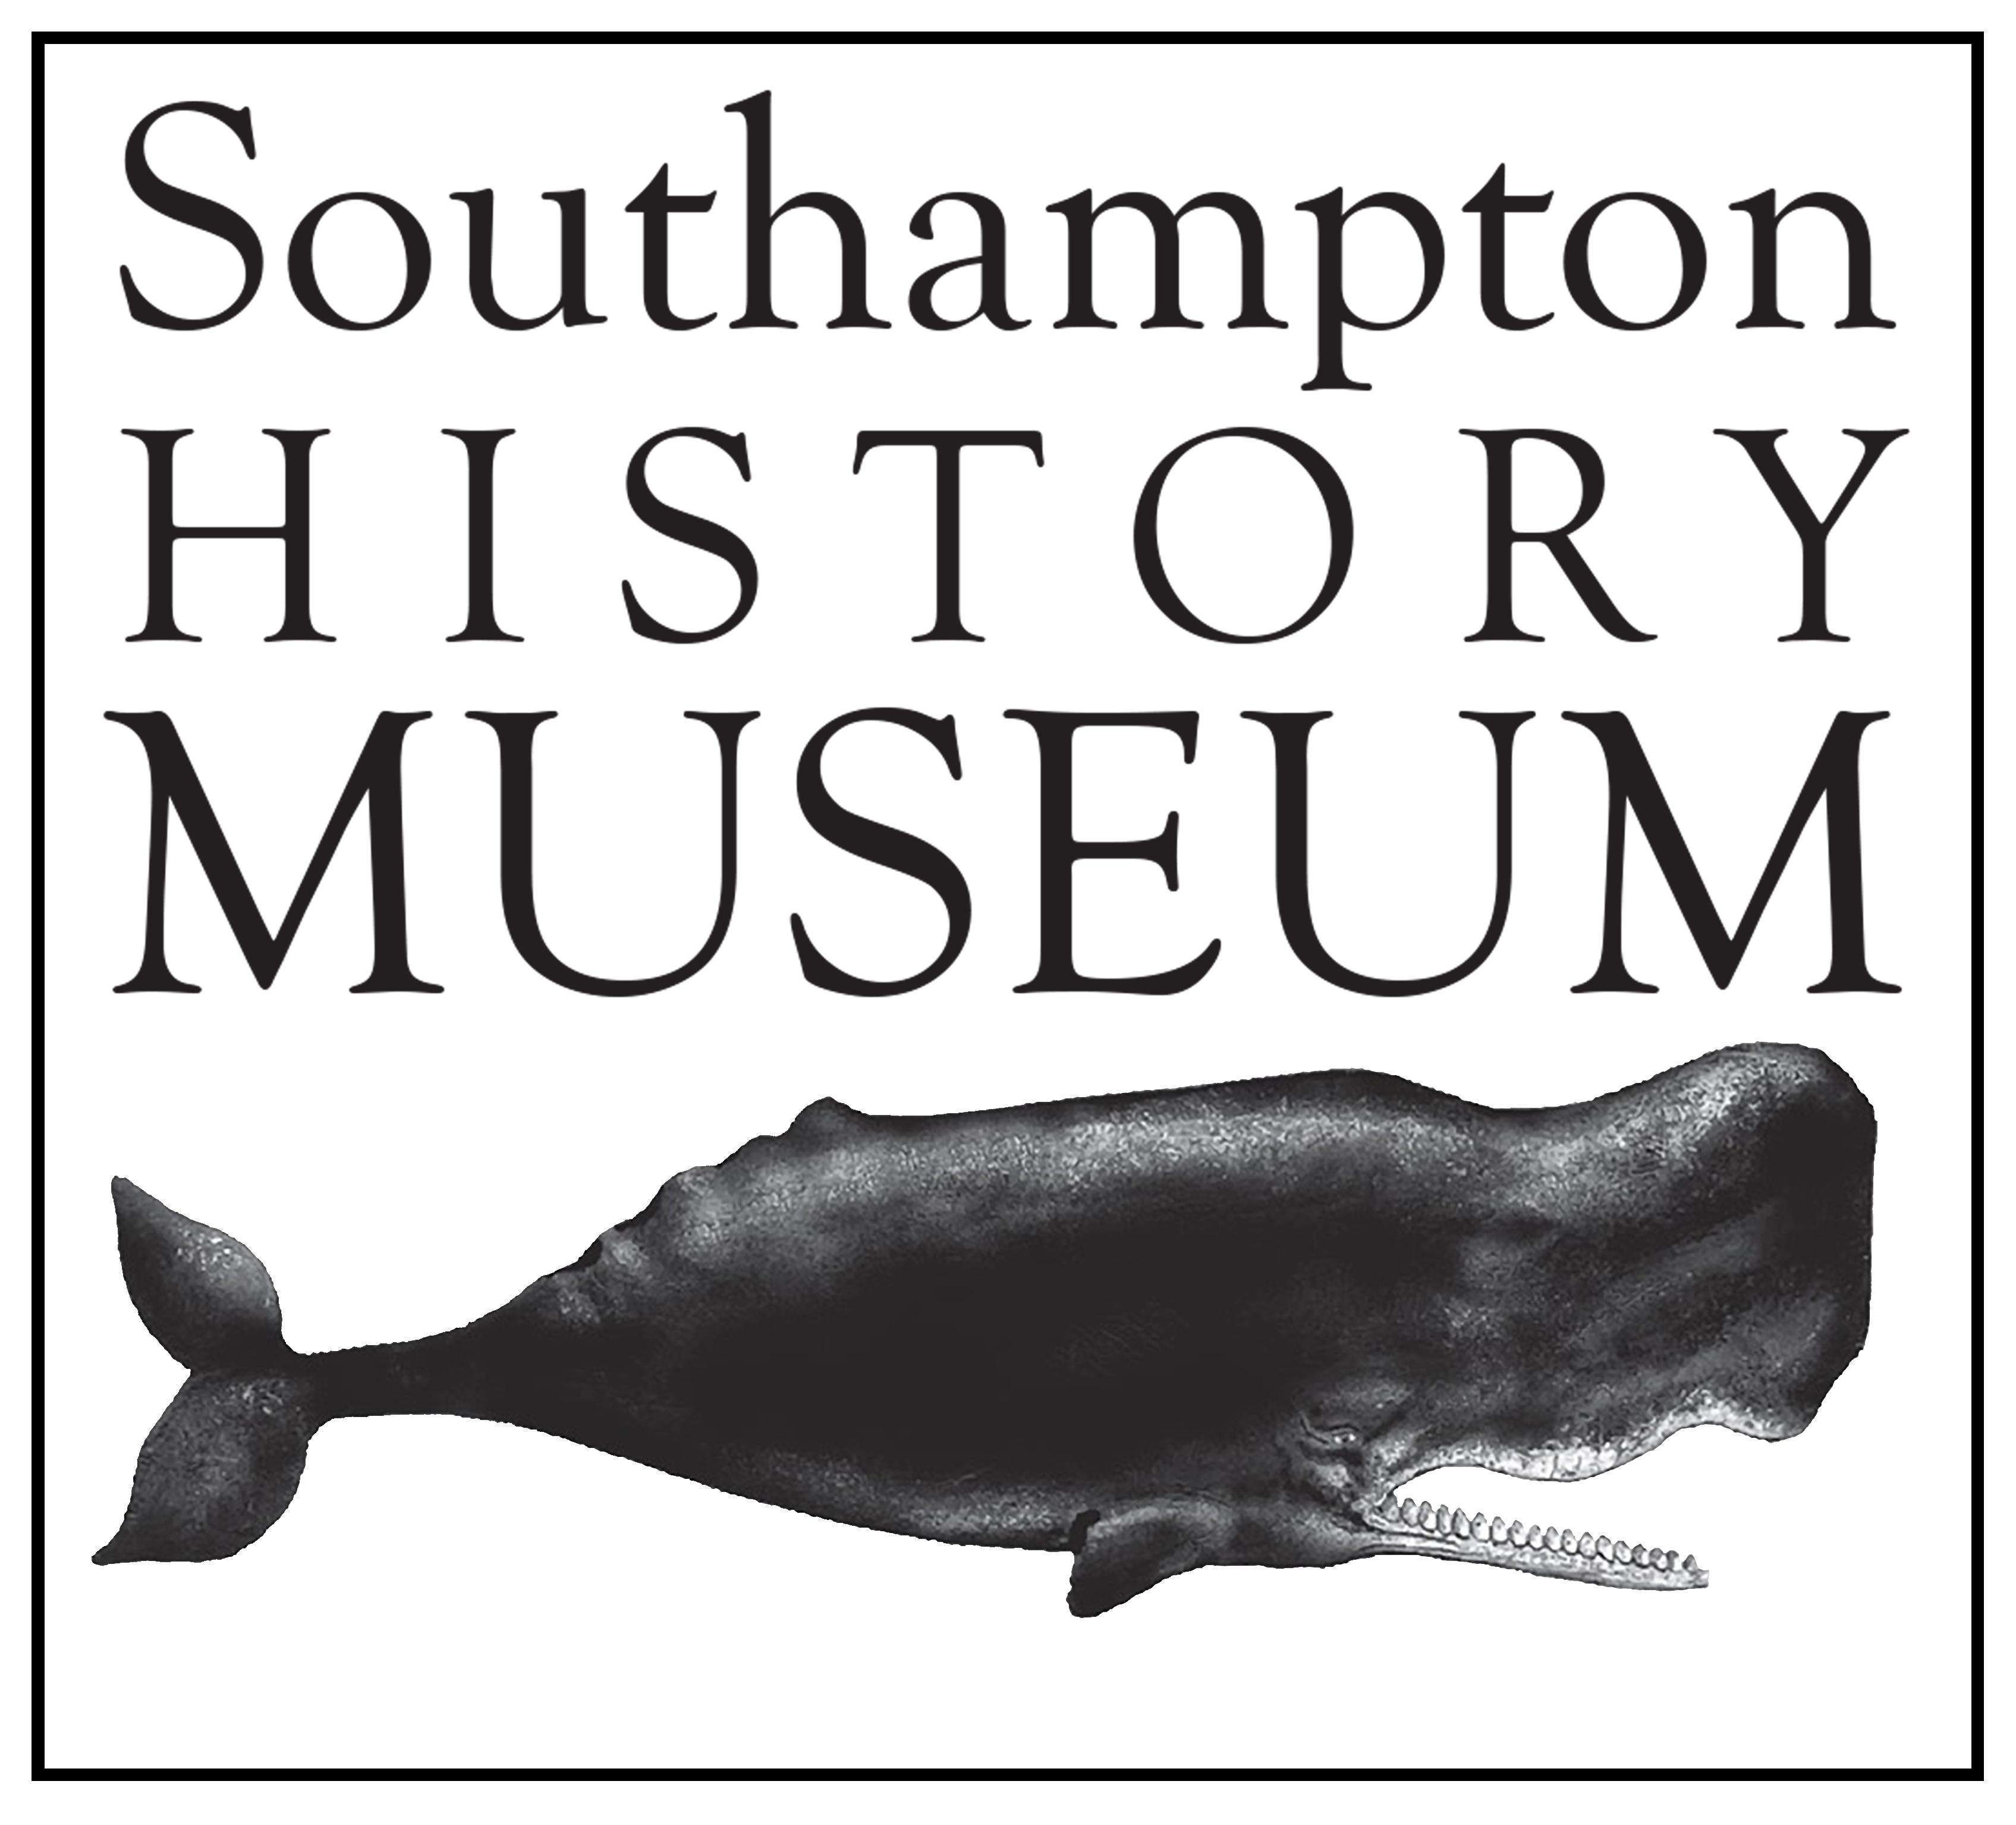 Southampton History Museum